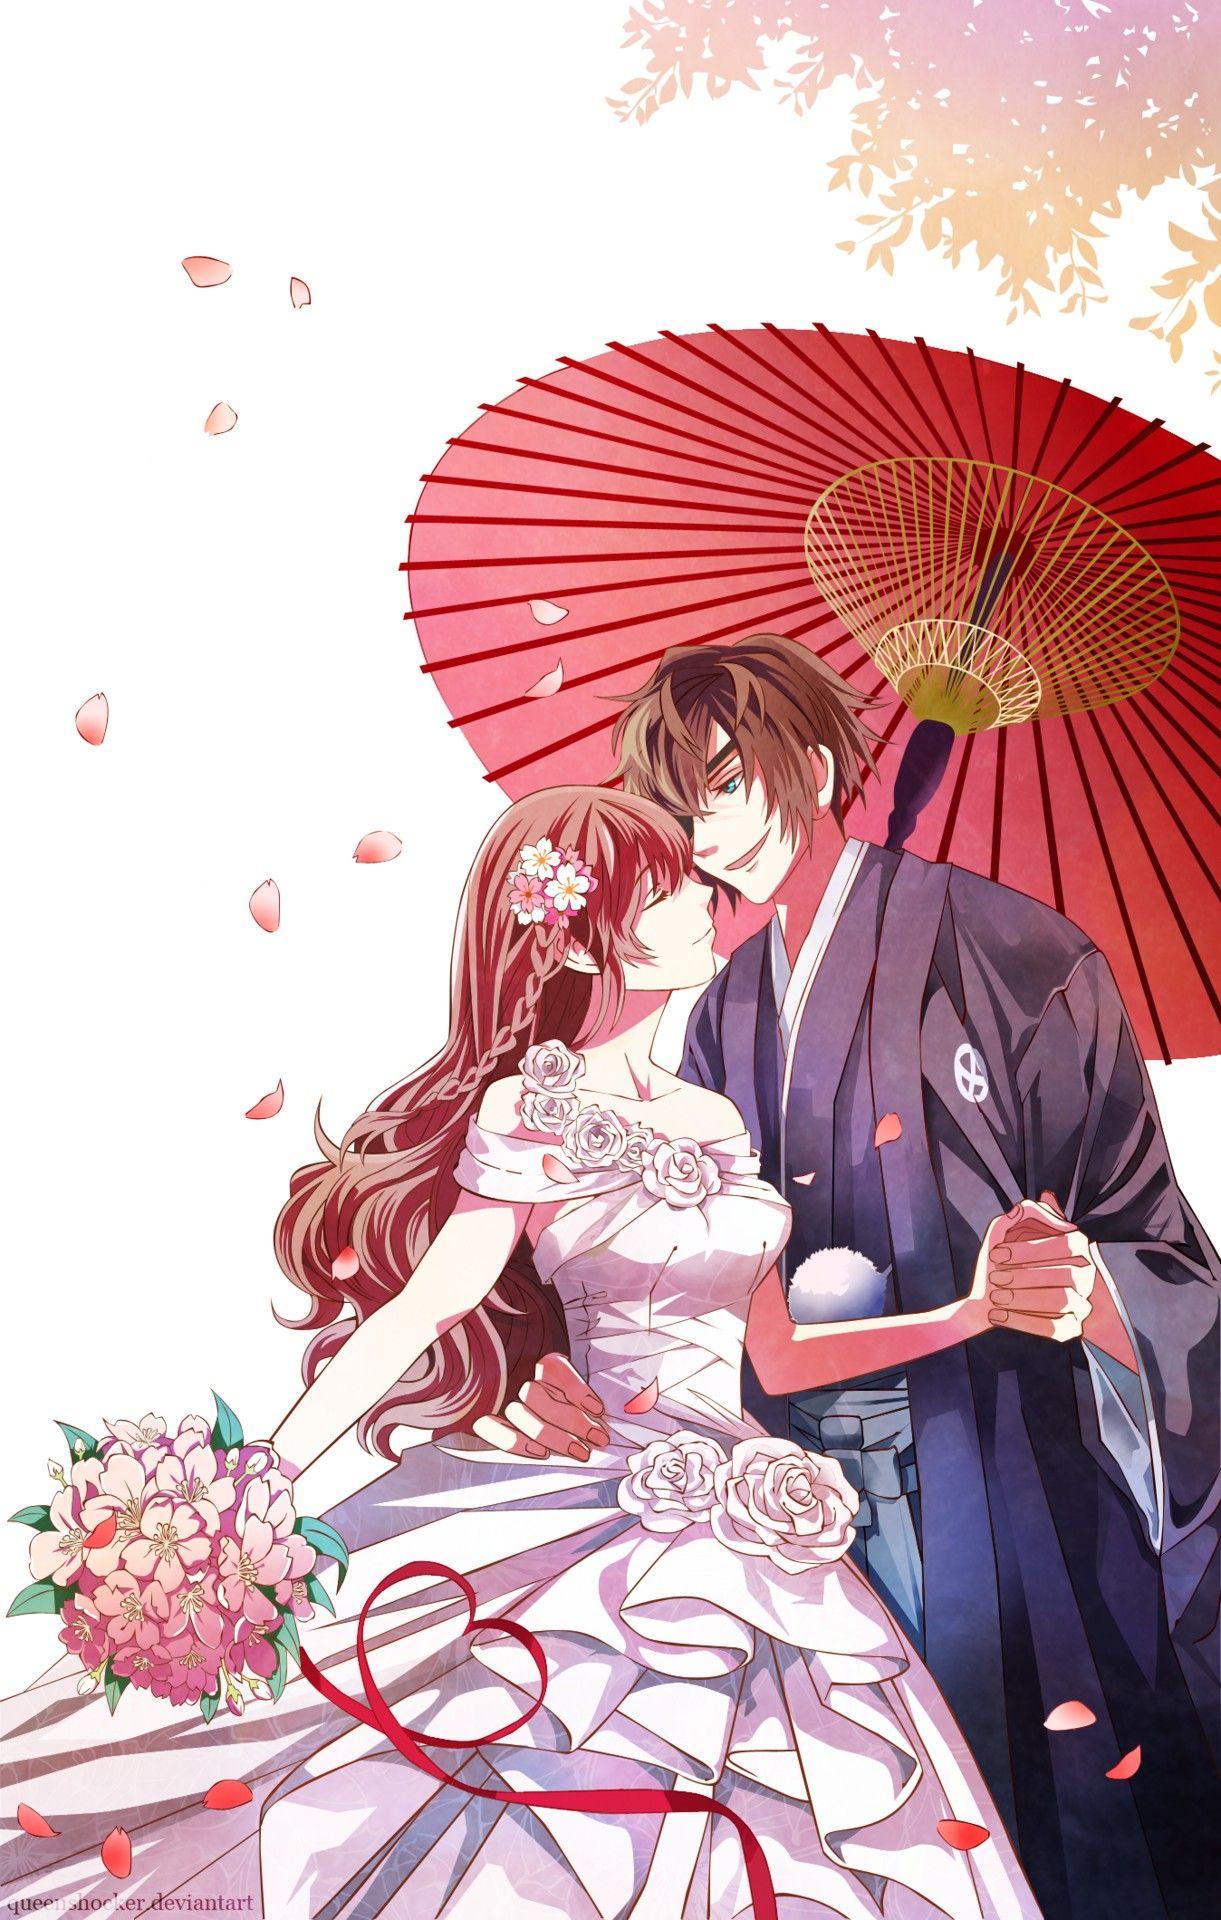 Love Across Time Anime Love Anime Love Couple Anime